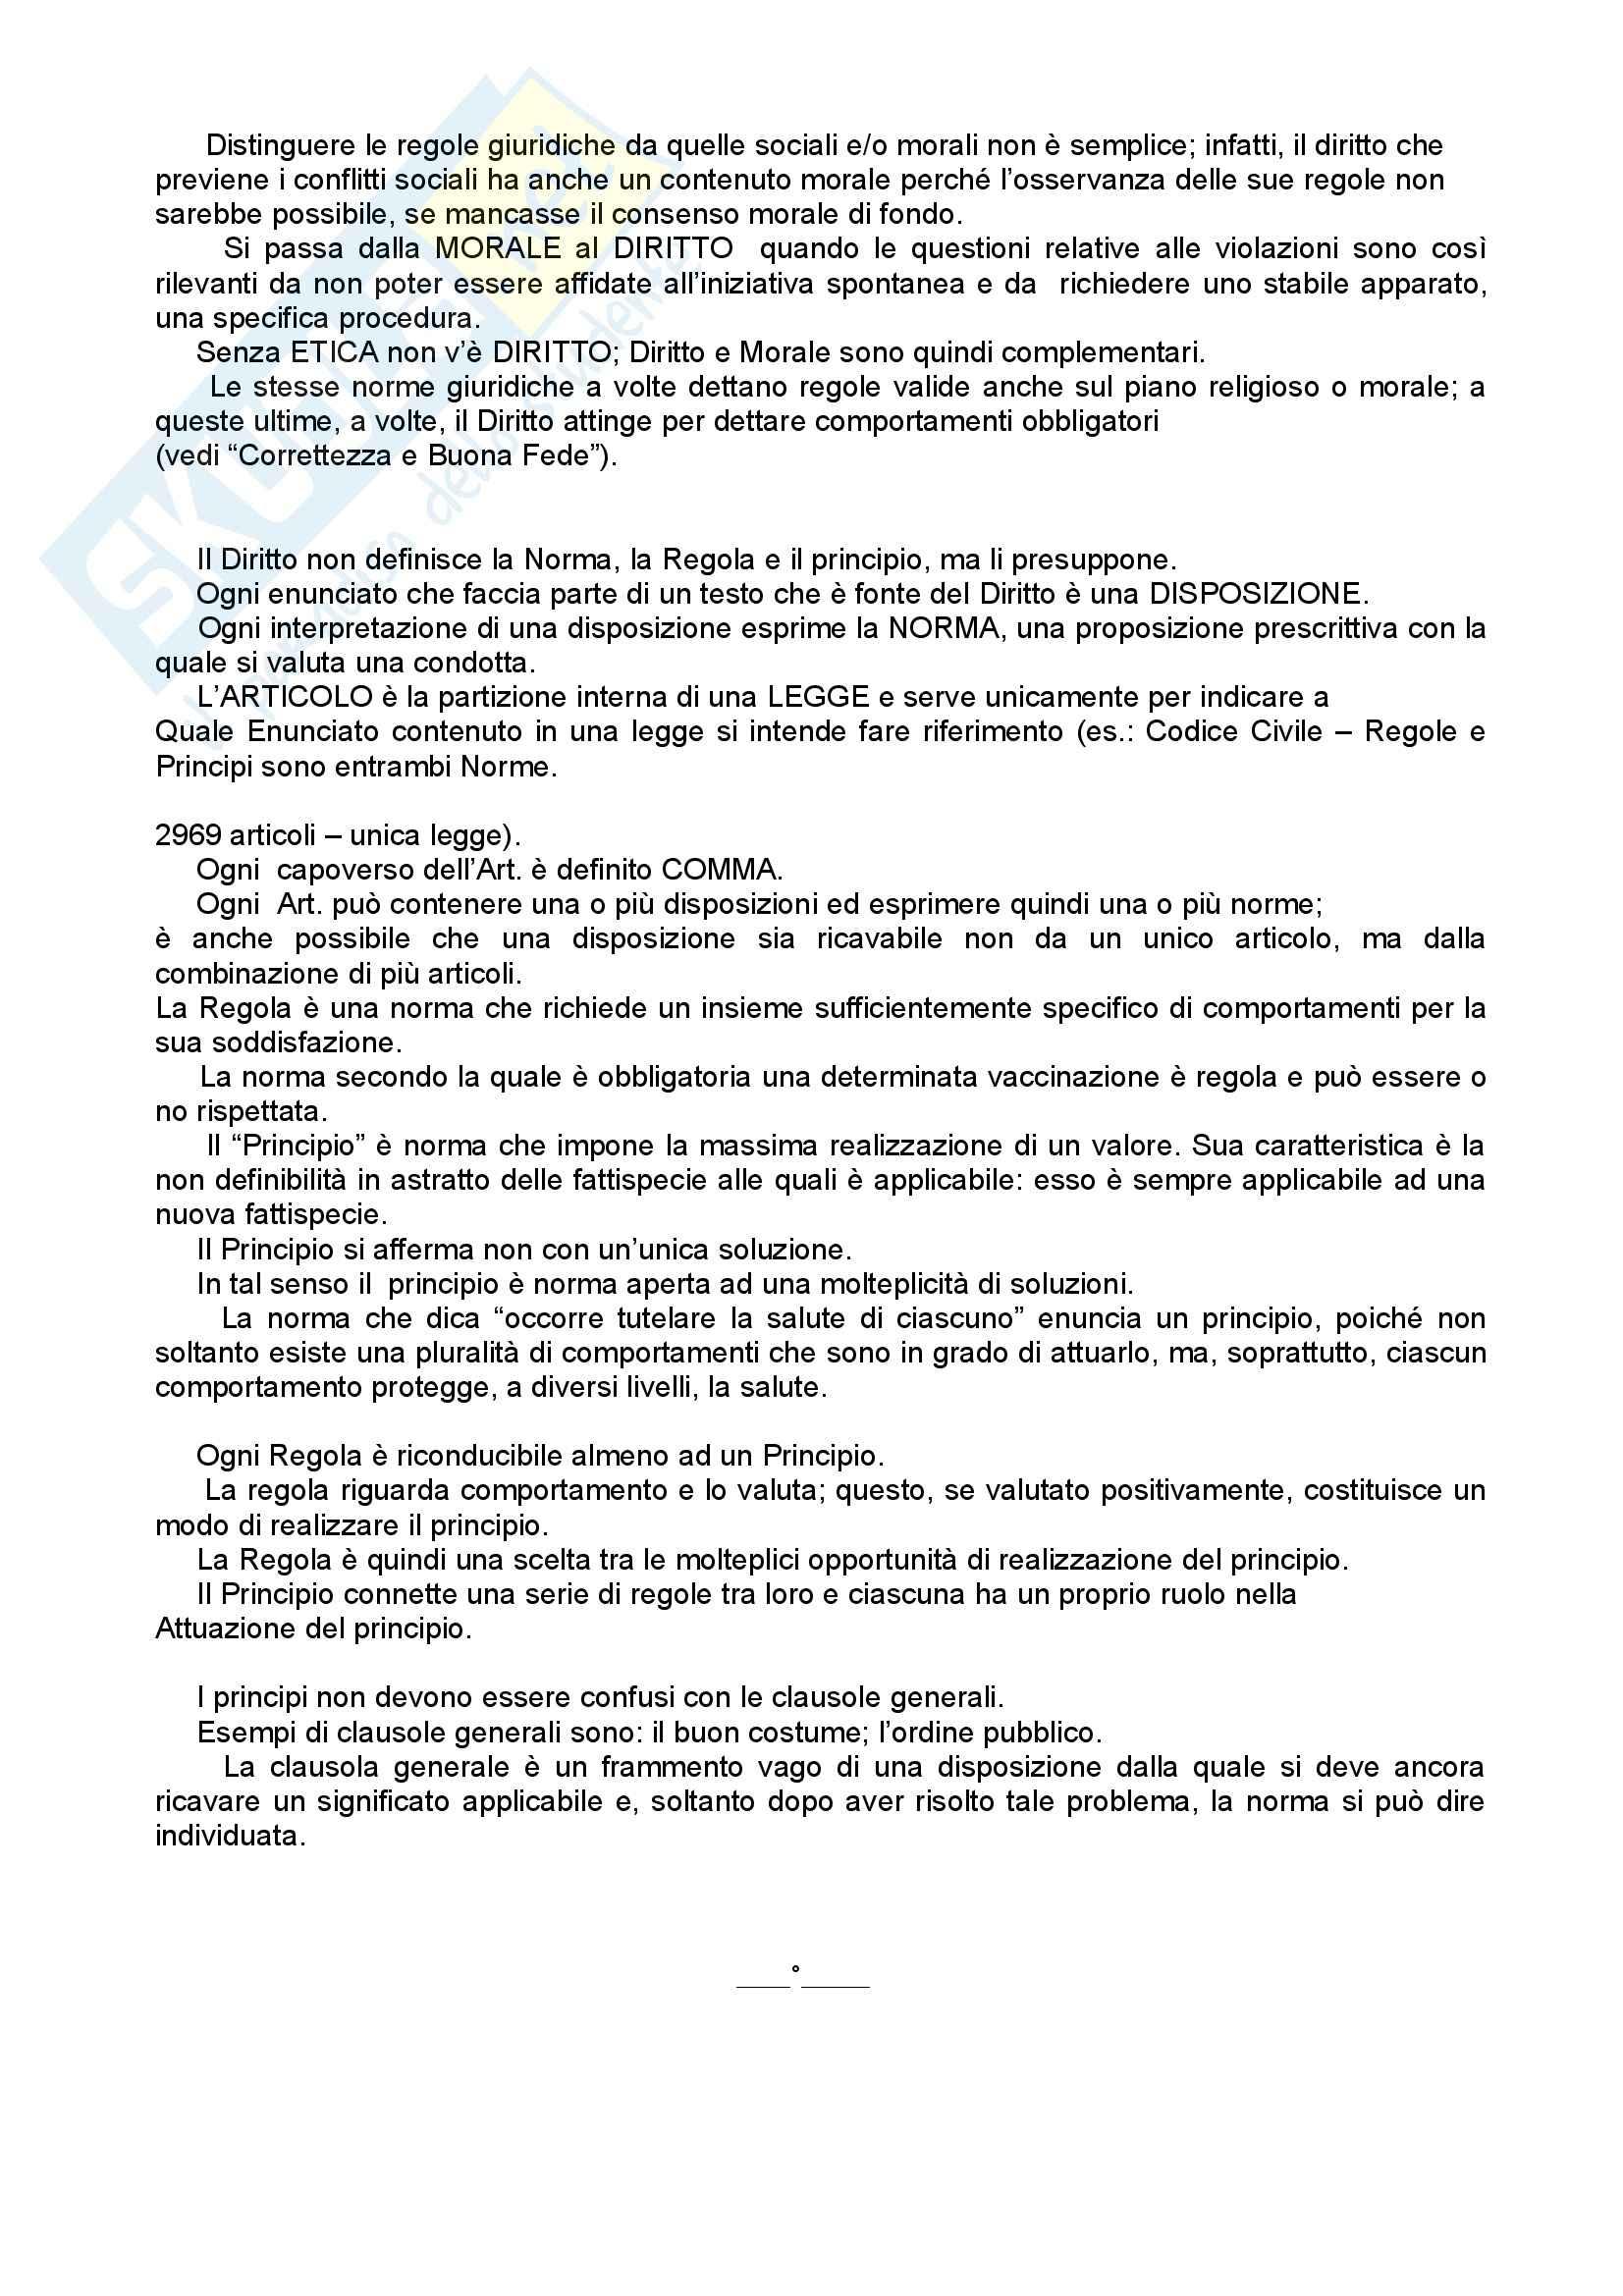 Diritto privato - Riassunto esame, prof. Bozzi Pag. 2